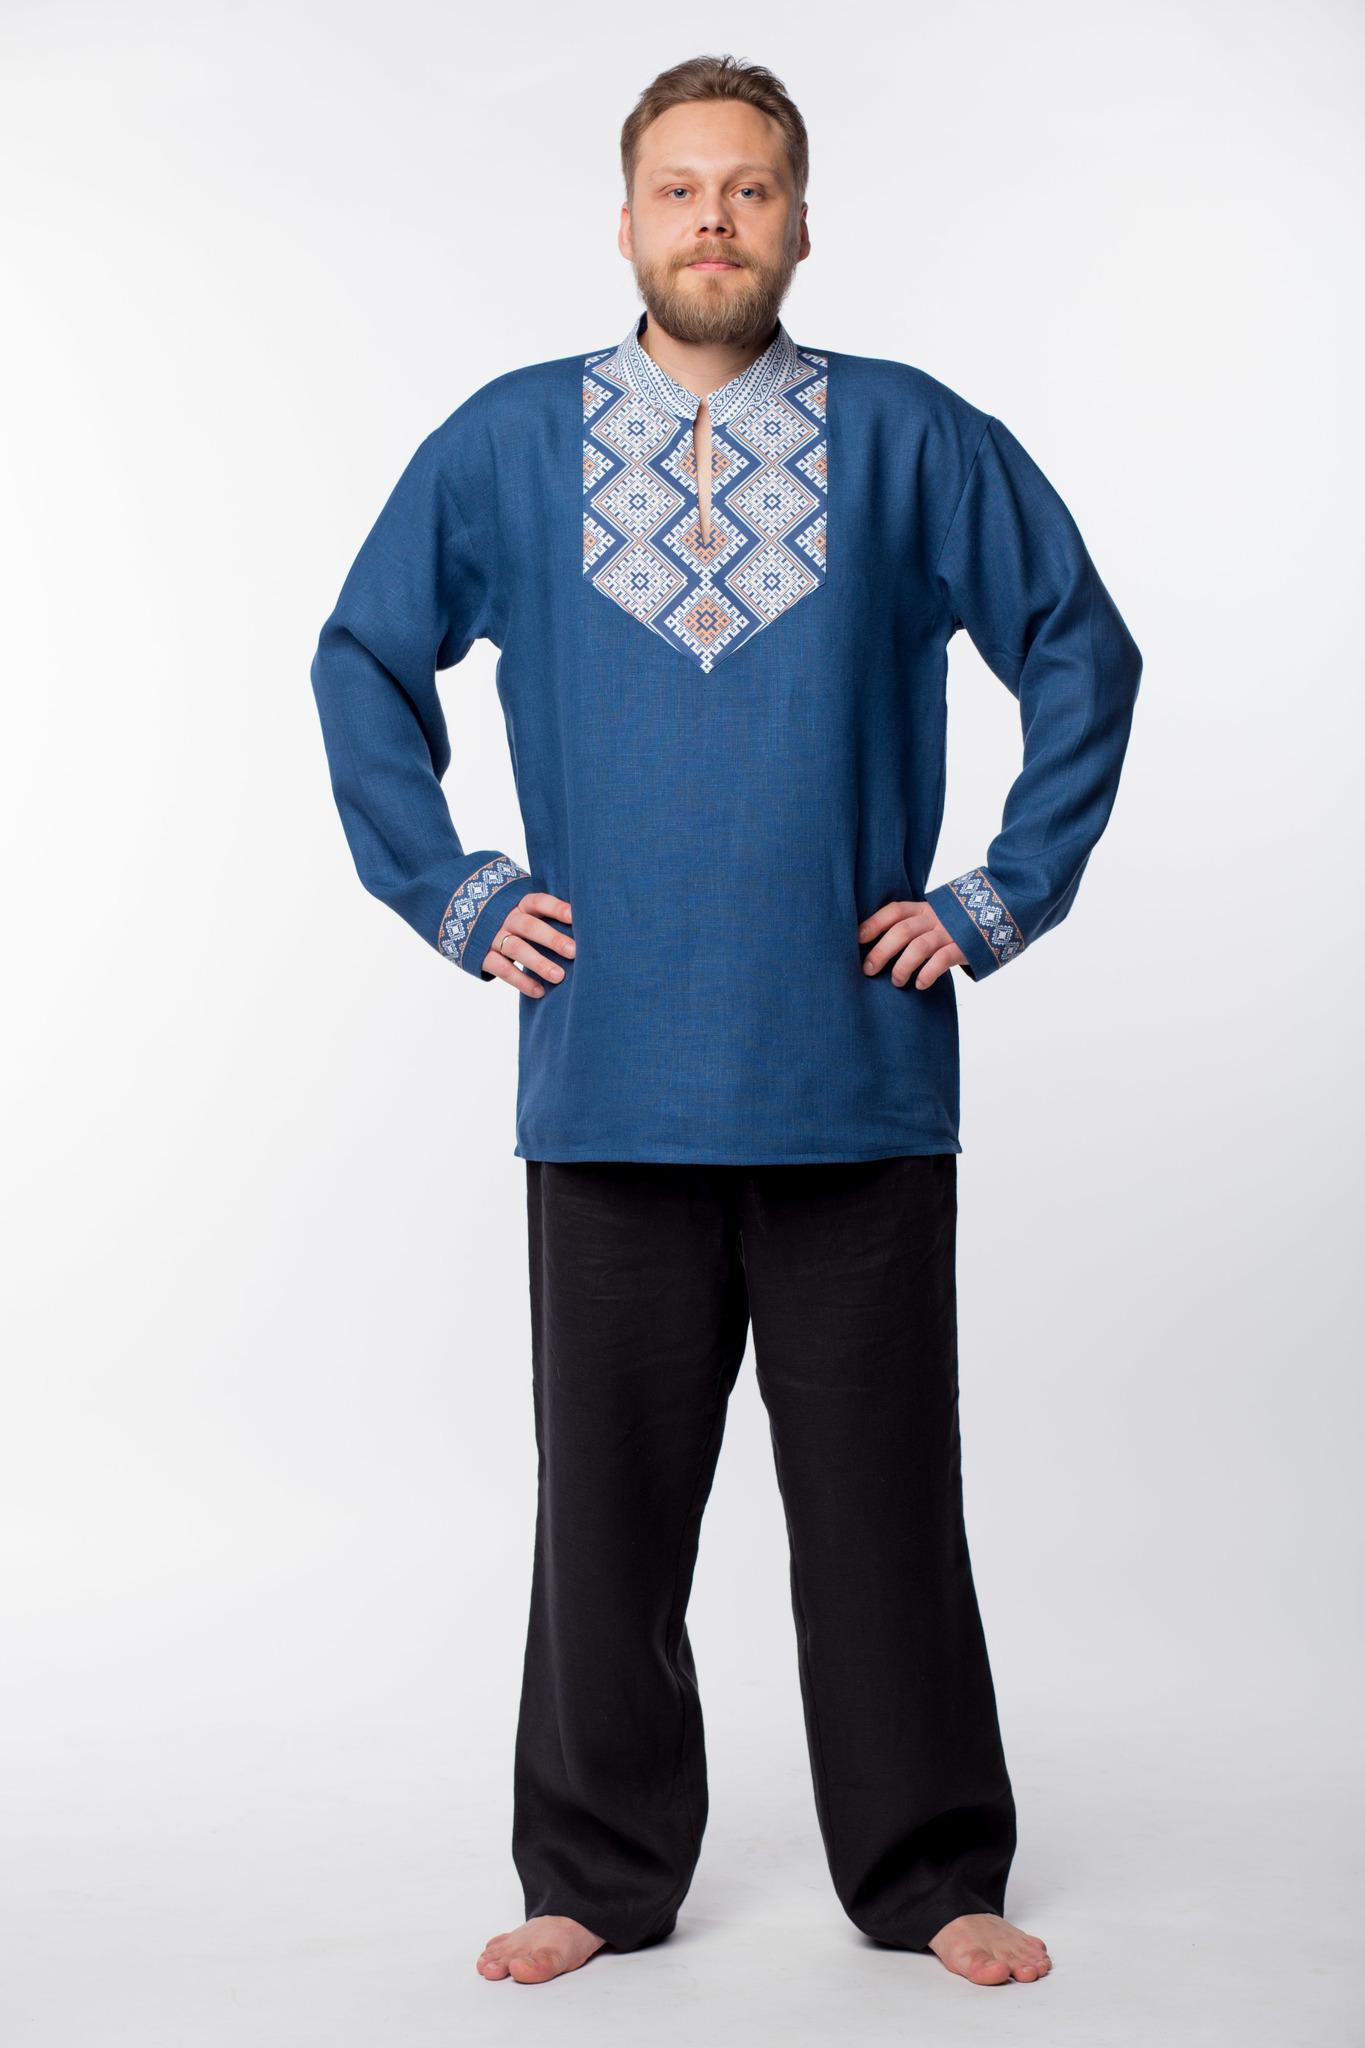 Рубаха мужская Алтайская  без пояса